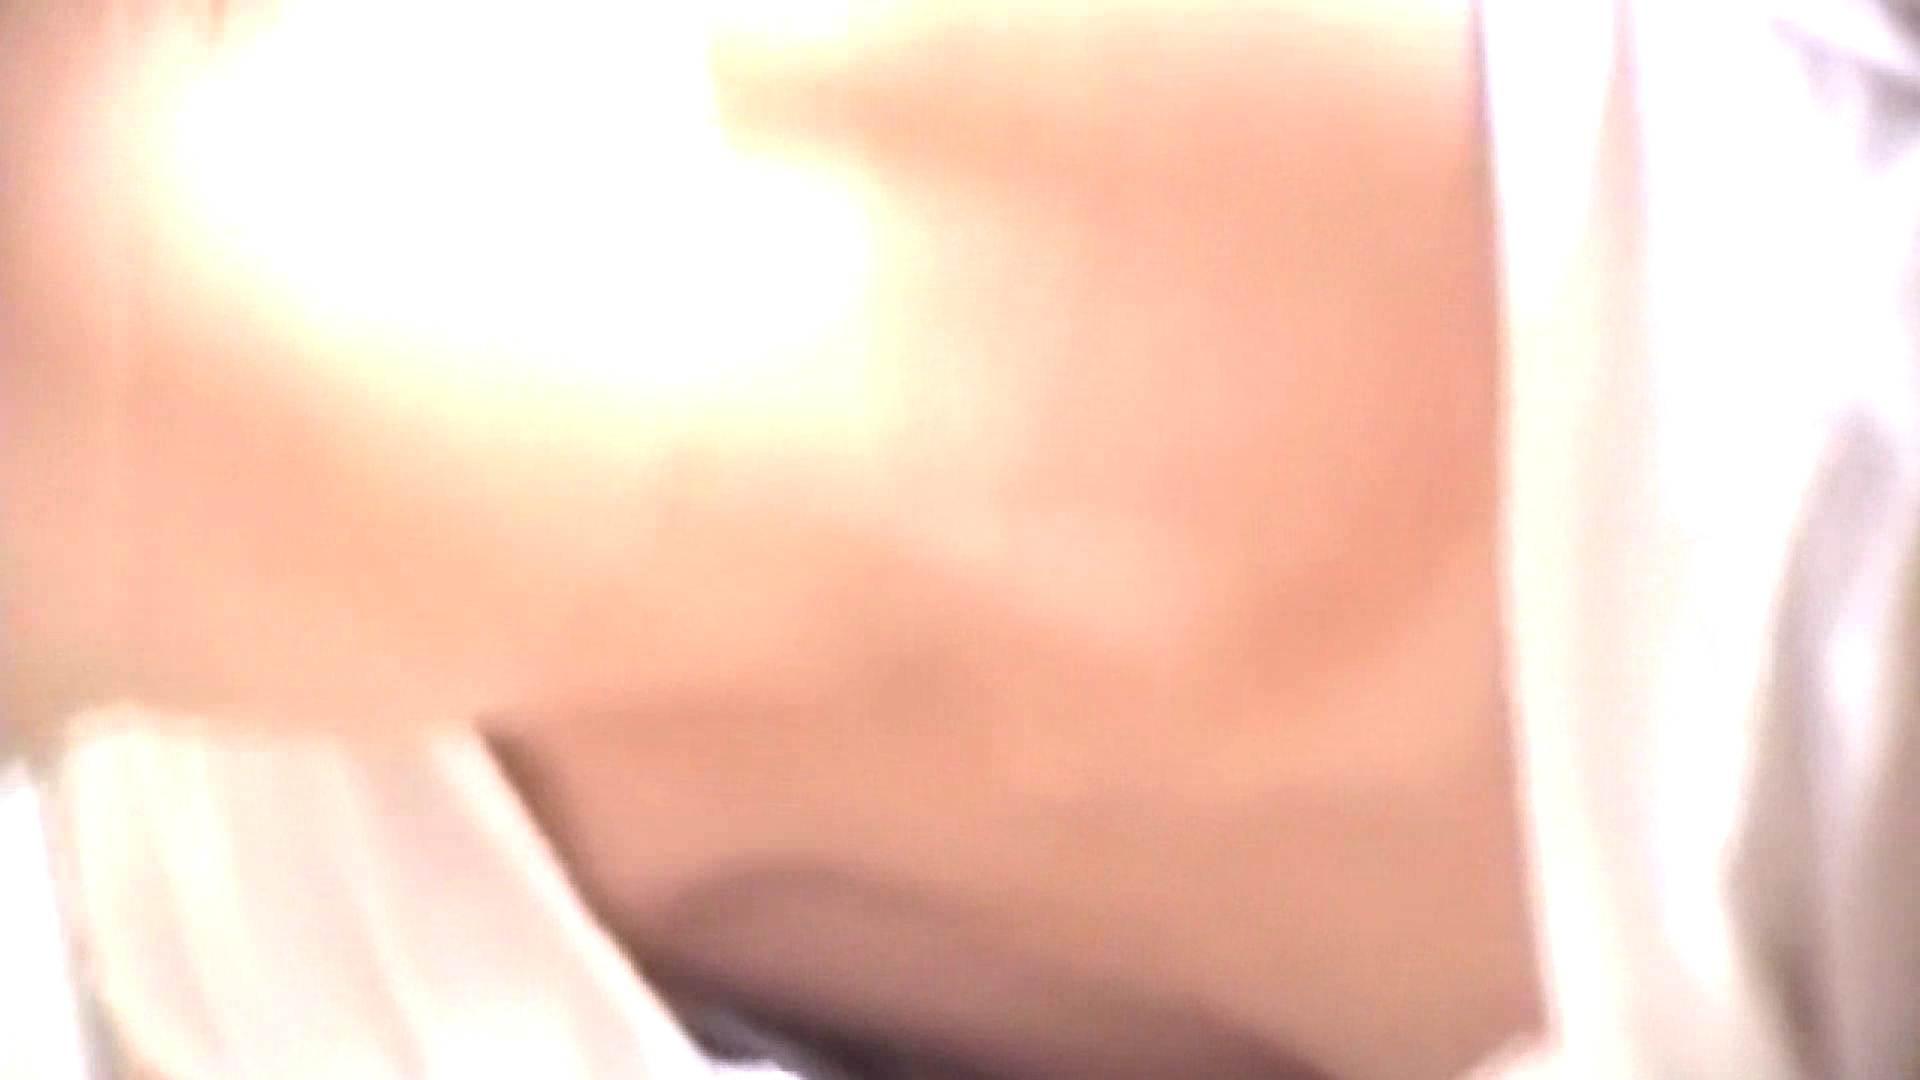 真剣に買い物中のgal達を上から下から狙います。vol.02 OLのエロ生活  103連発 38